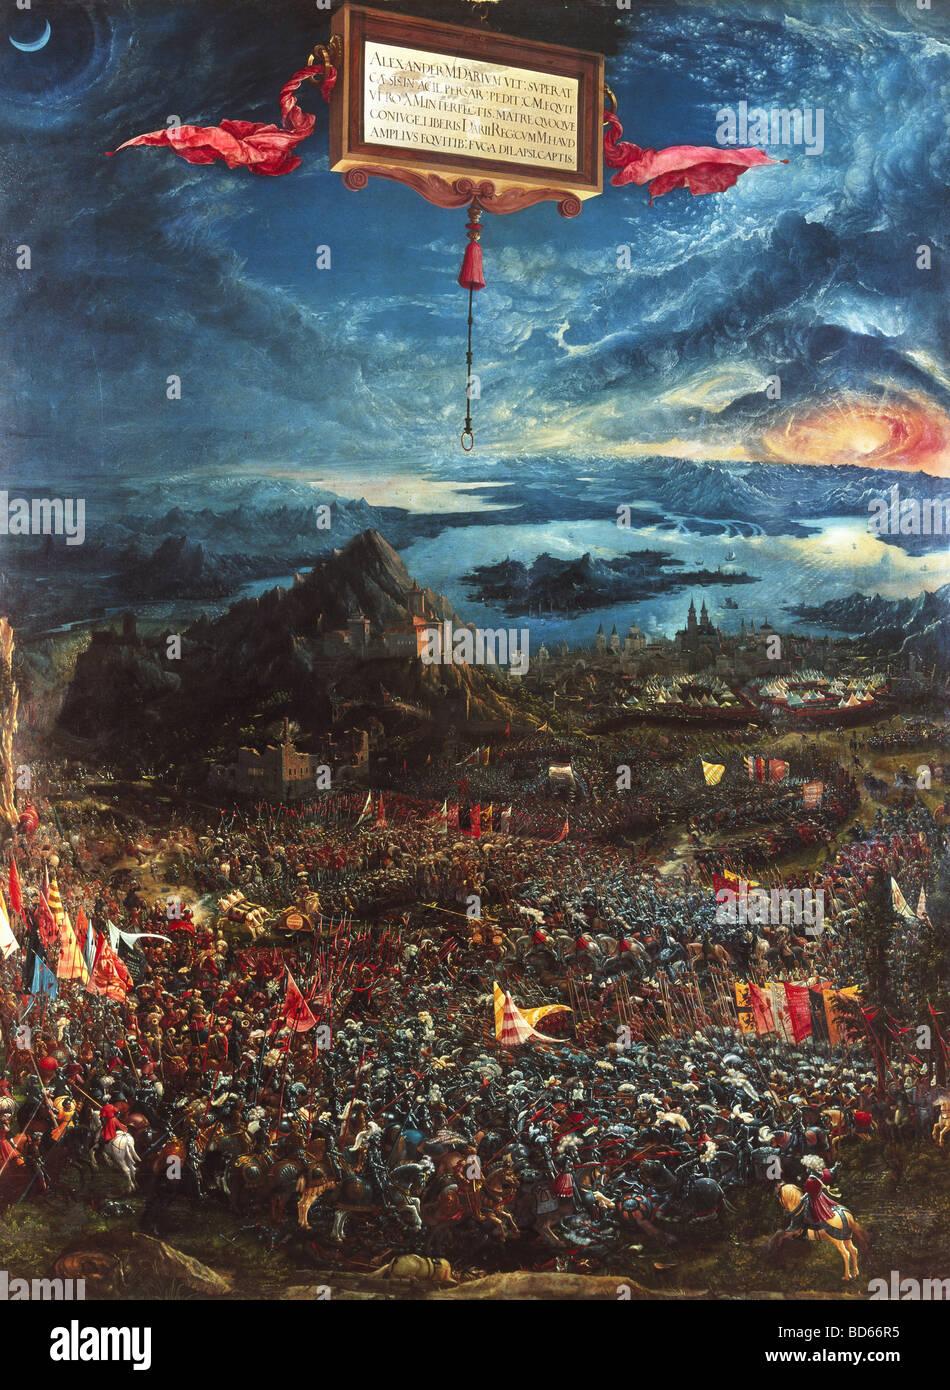 Beaux-arts,,, Albrecht (1480 - 1538), peinture 'Alexanderschlacht', (la bataille d'Alexandre le Grand), Photo Stock